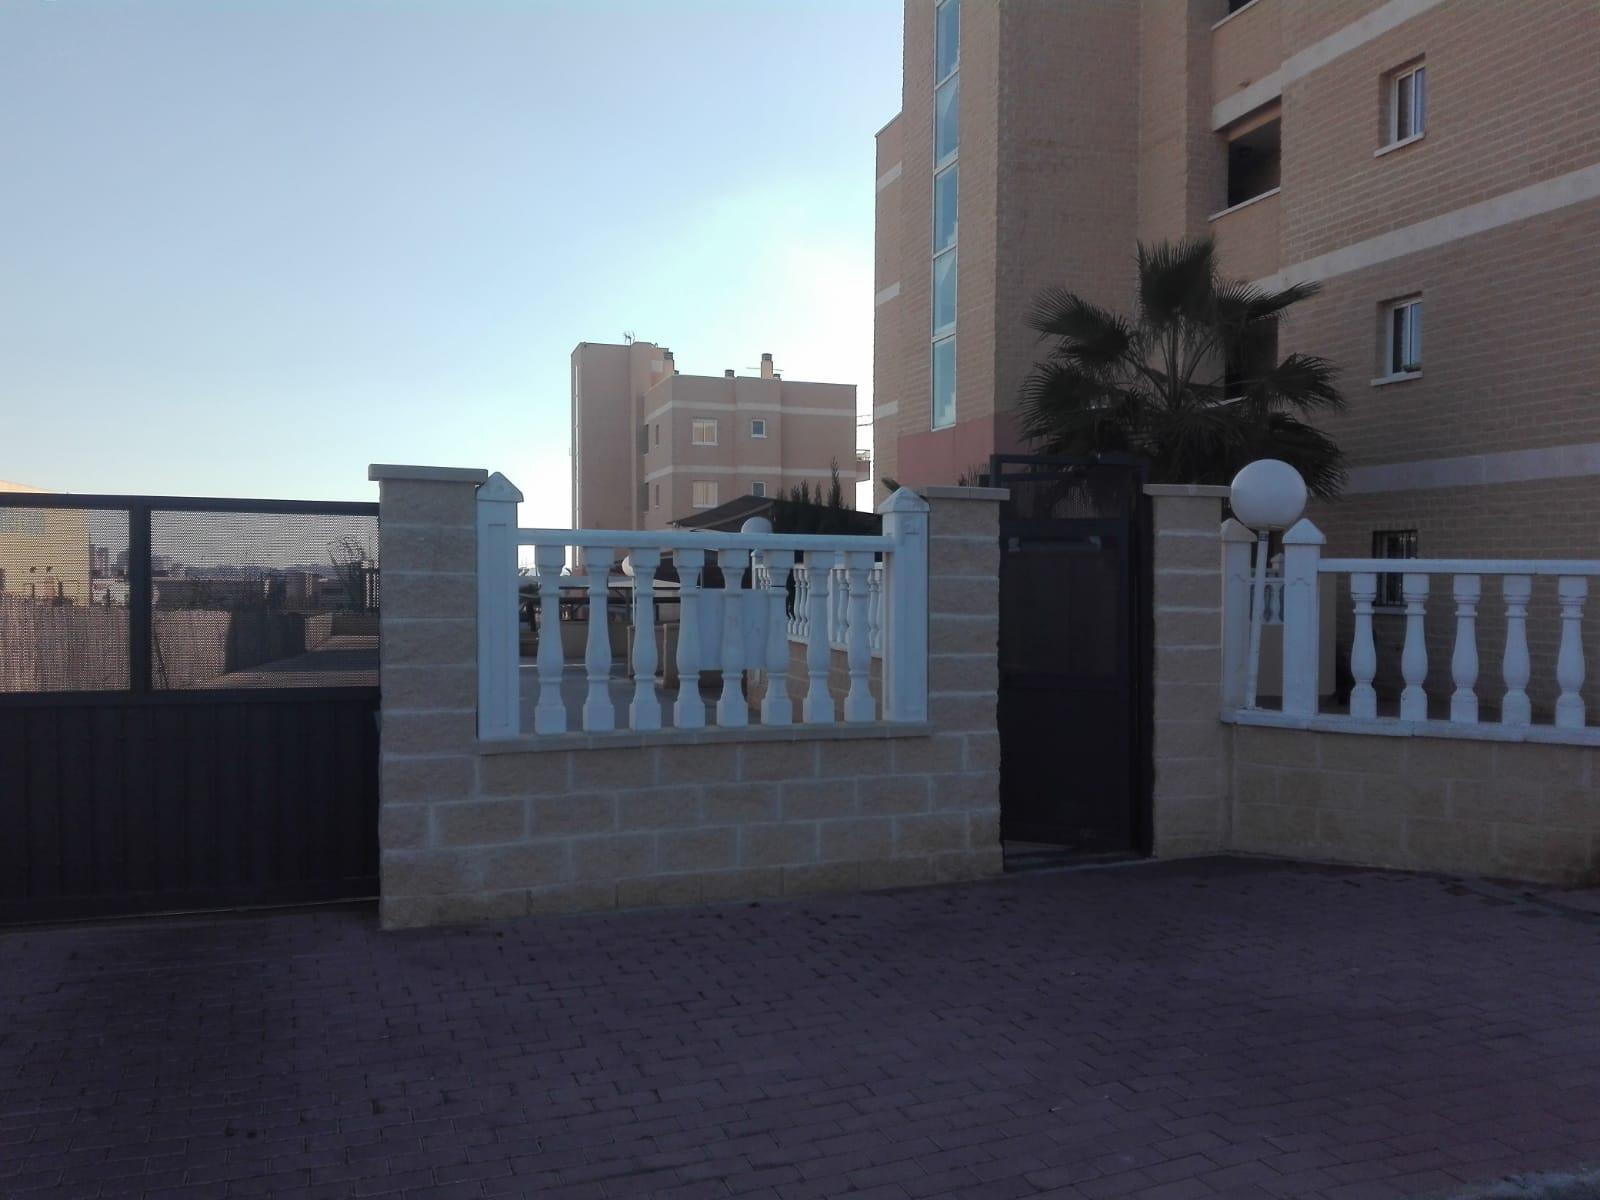 Piso en venta en Torrevieja, Alicante, Lugar Mirador Ii, 89.000 €, 2 habitaciones, 1 baño, 79 m2